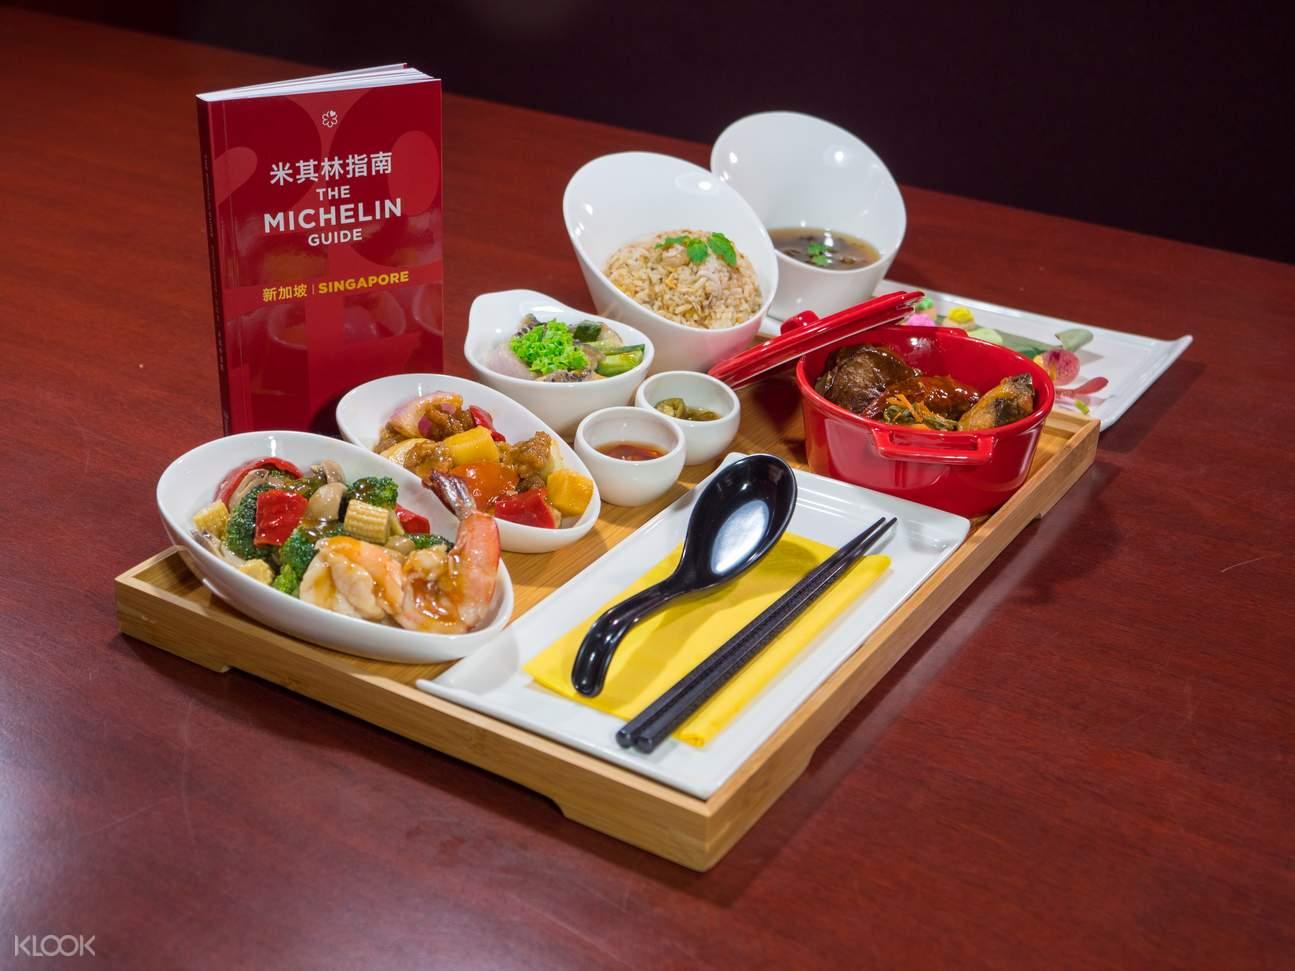 新加坡美食,新加坡美食巴士,新加坡GOURMET,新加坡觀光,新加坡特色體驗